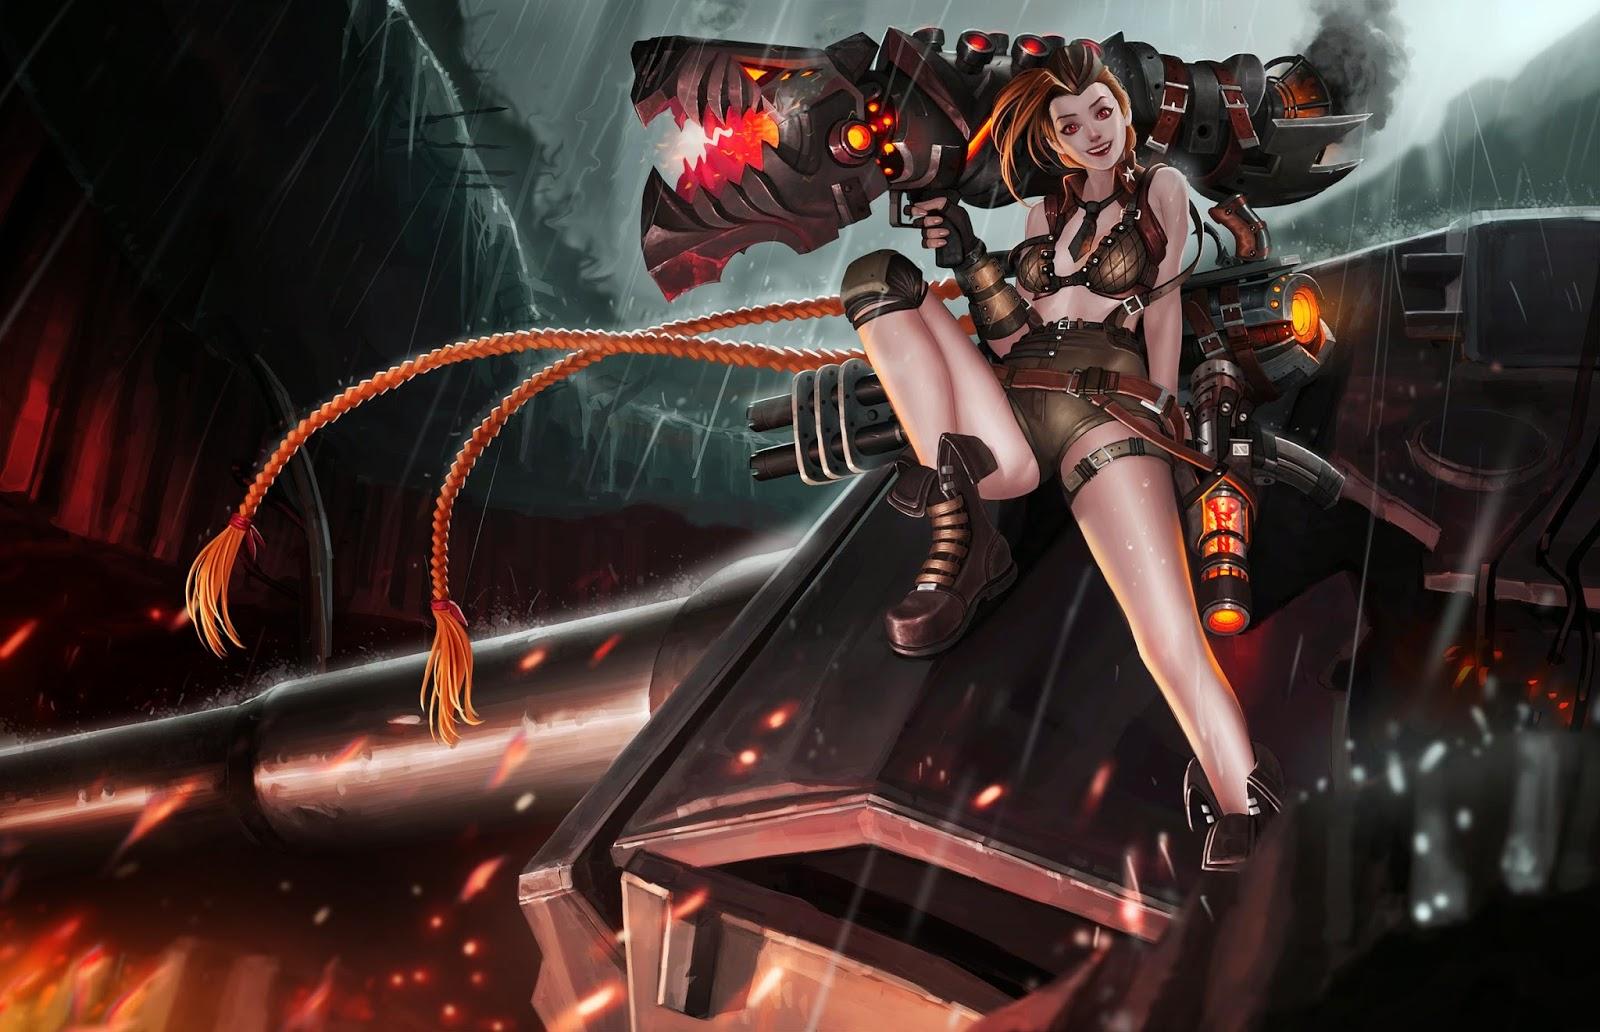 World Of Warcraft Wallpapers Hd Jinx League Of Legends Wallpaper Jinx Desktop Wallpaper